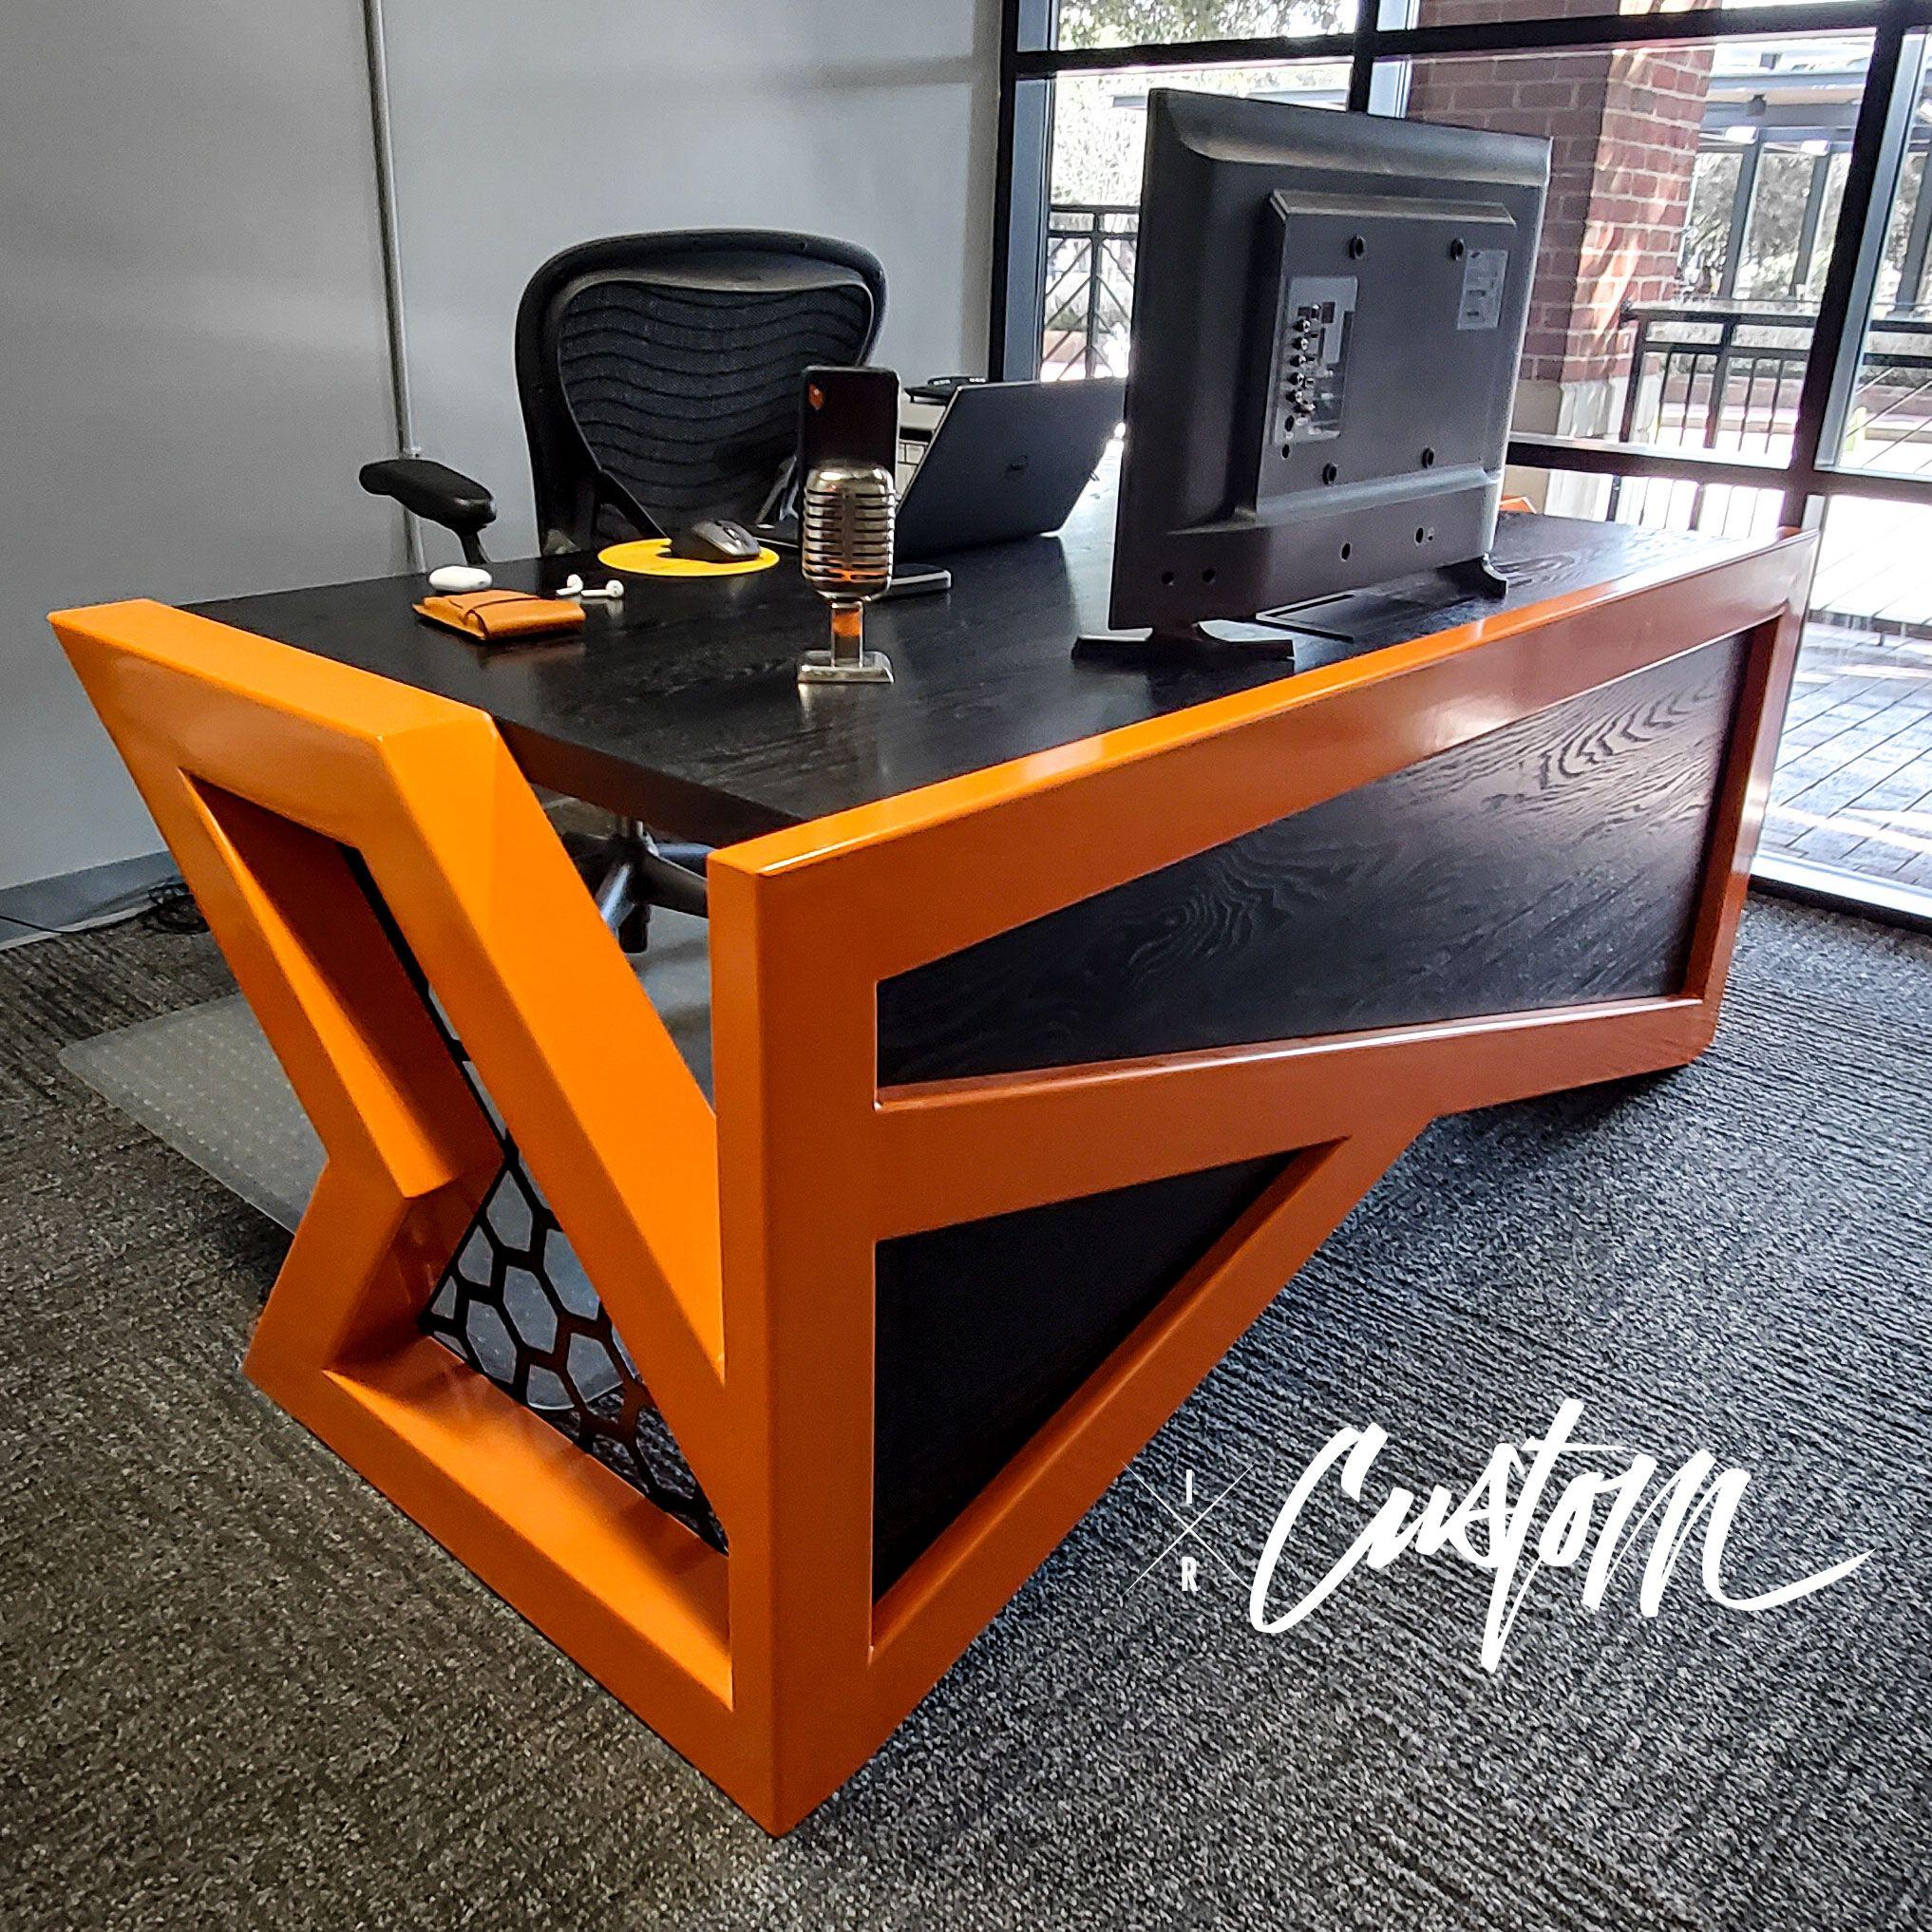 Epingle Sur Future X Modern Tables Desks